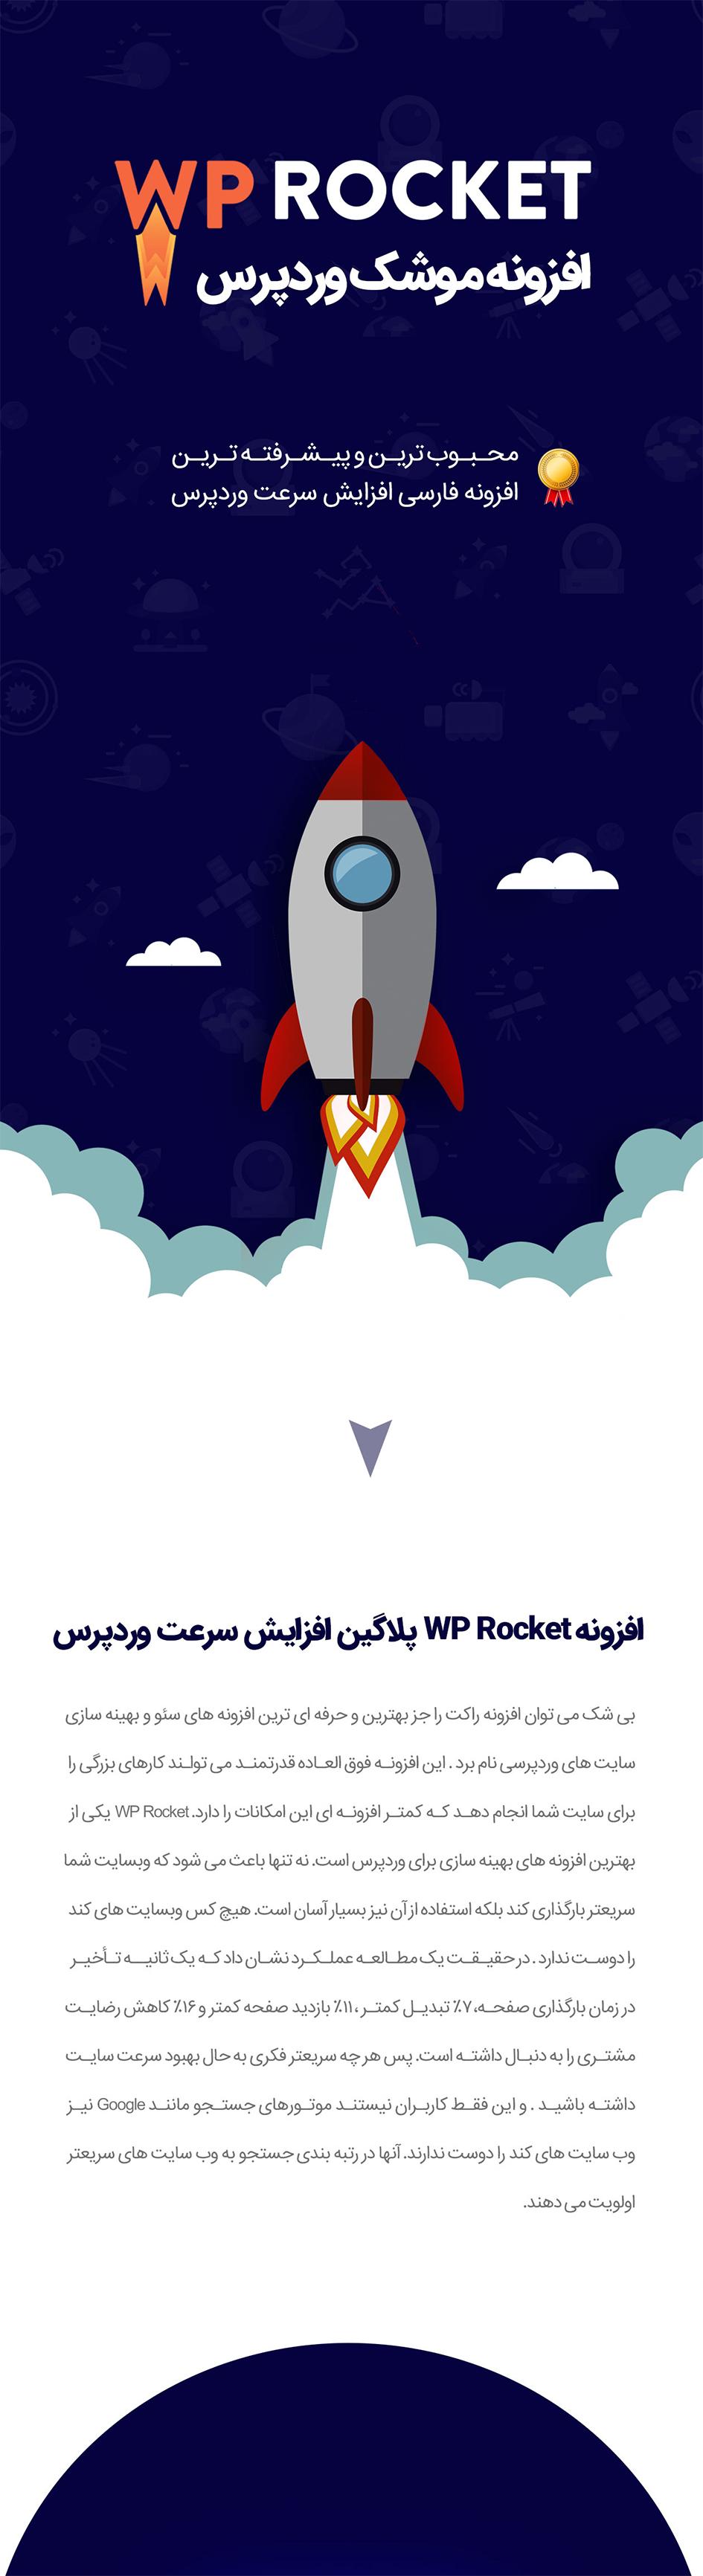 افزونه راکت | افزونه بهینه سازی | پلاگین بهینه سازی سایت وردپرس | افزونه WP Rocket راست چین | افزونه راکت راستچین و فارسی | افزایش سرعت سایت